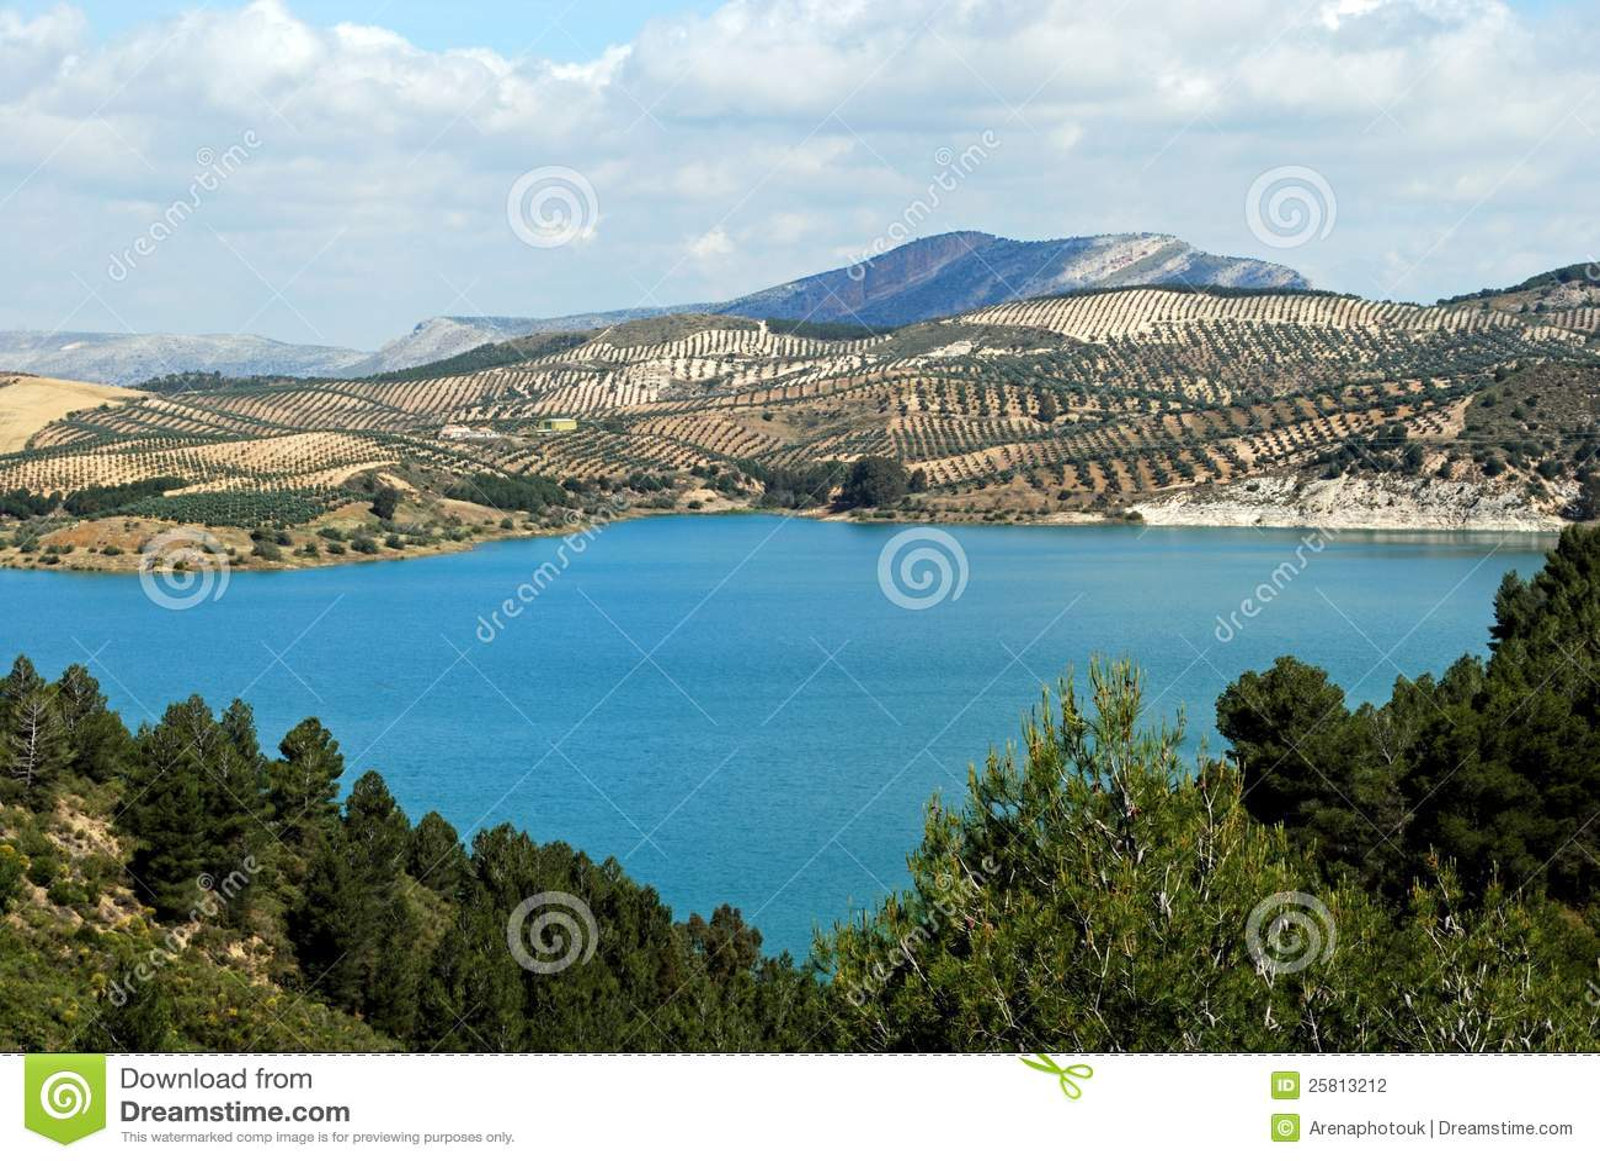 Λίμνη Guadalhorce κοντά Ardales, Ισπανία.